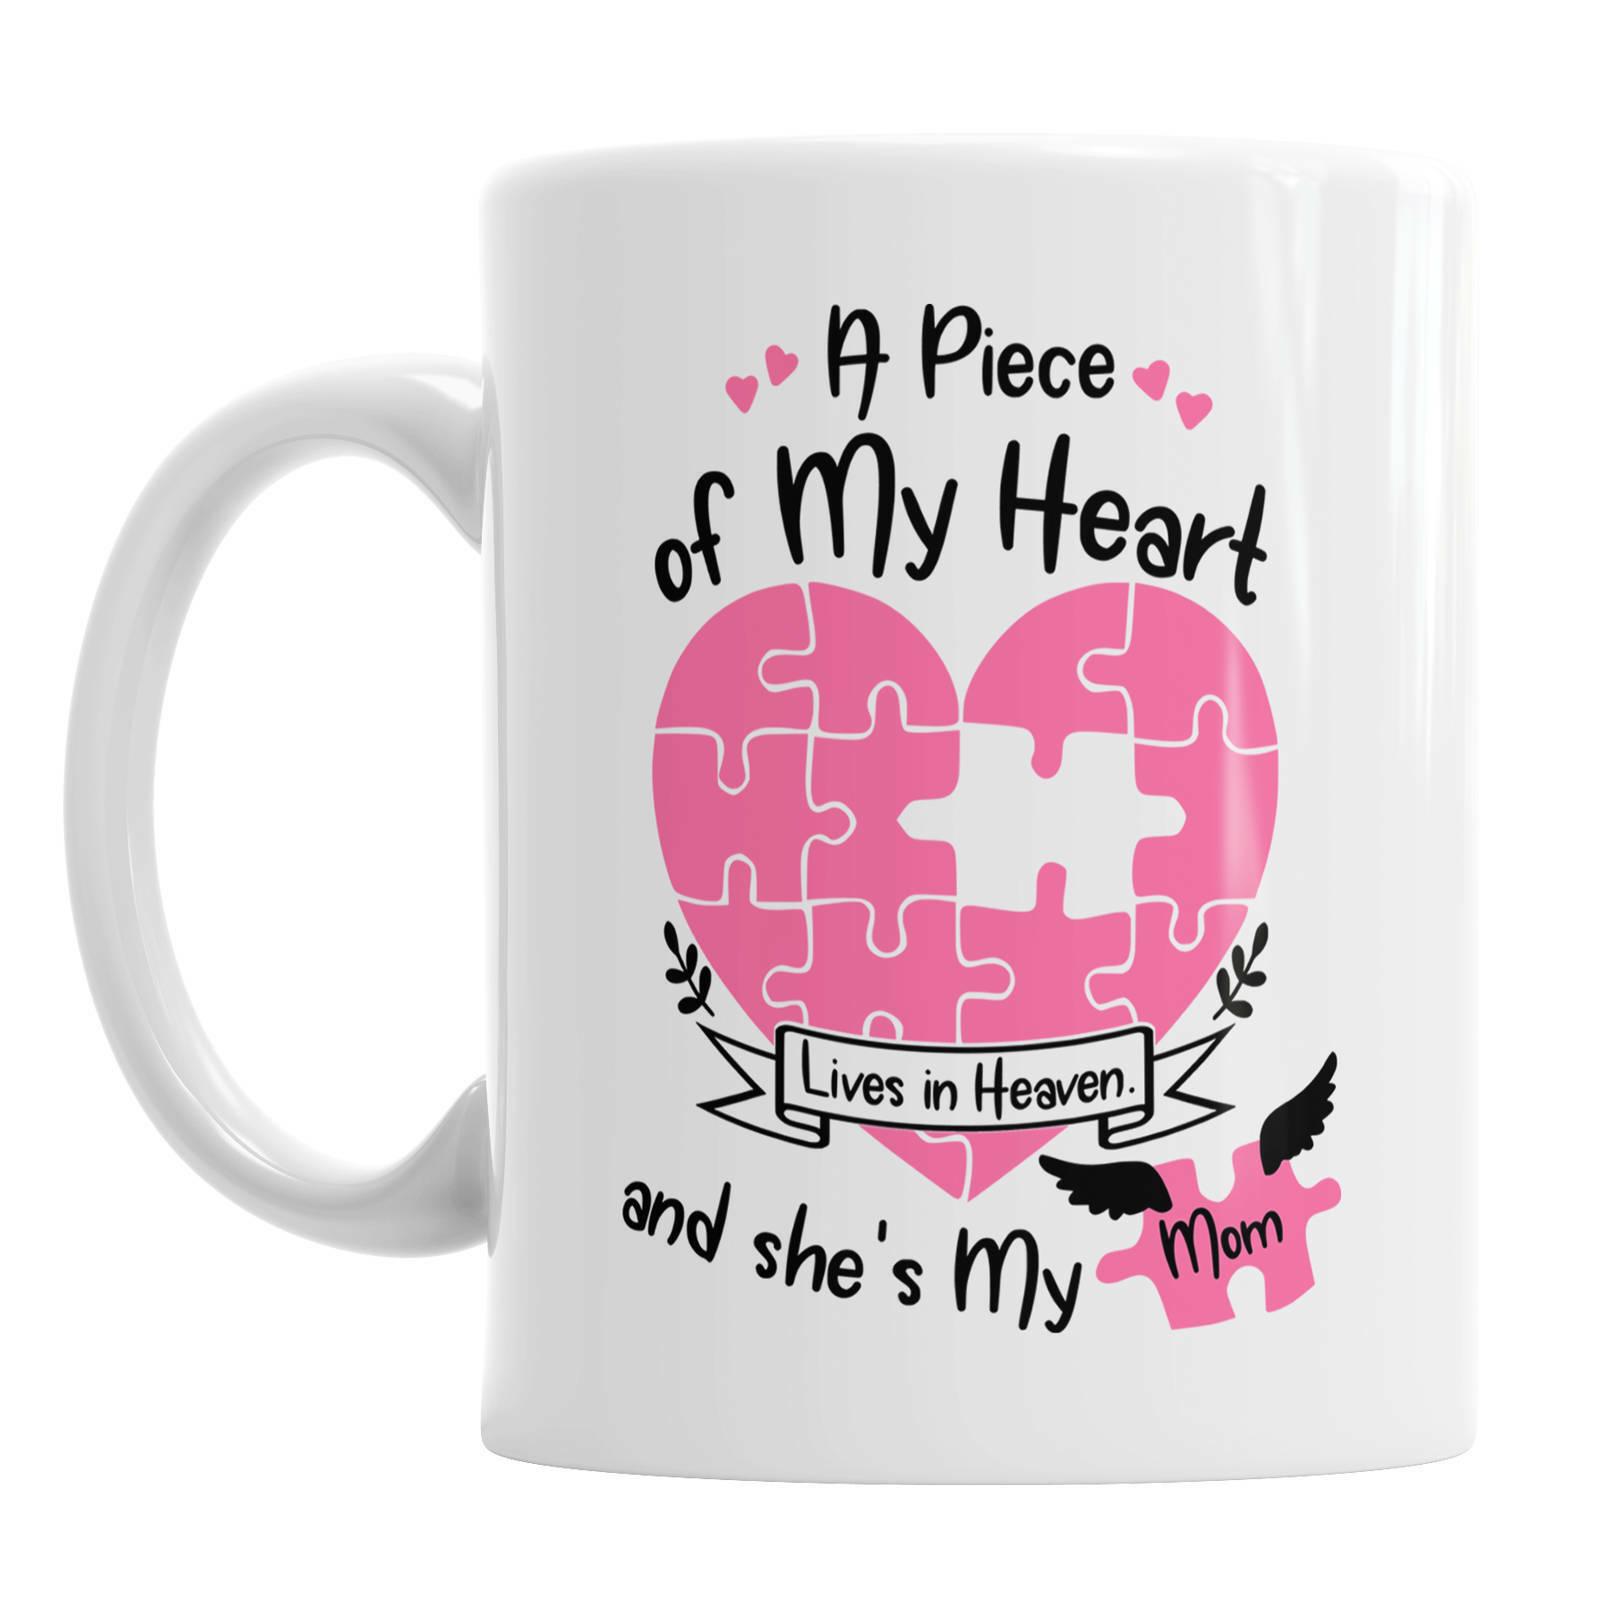 Mom Mug Mummy Mug Heaven Mug Mother s Day Mug Mug Gift Life Happens Mug Heart - $13.99